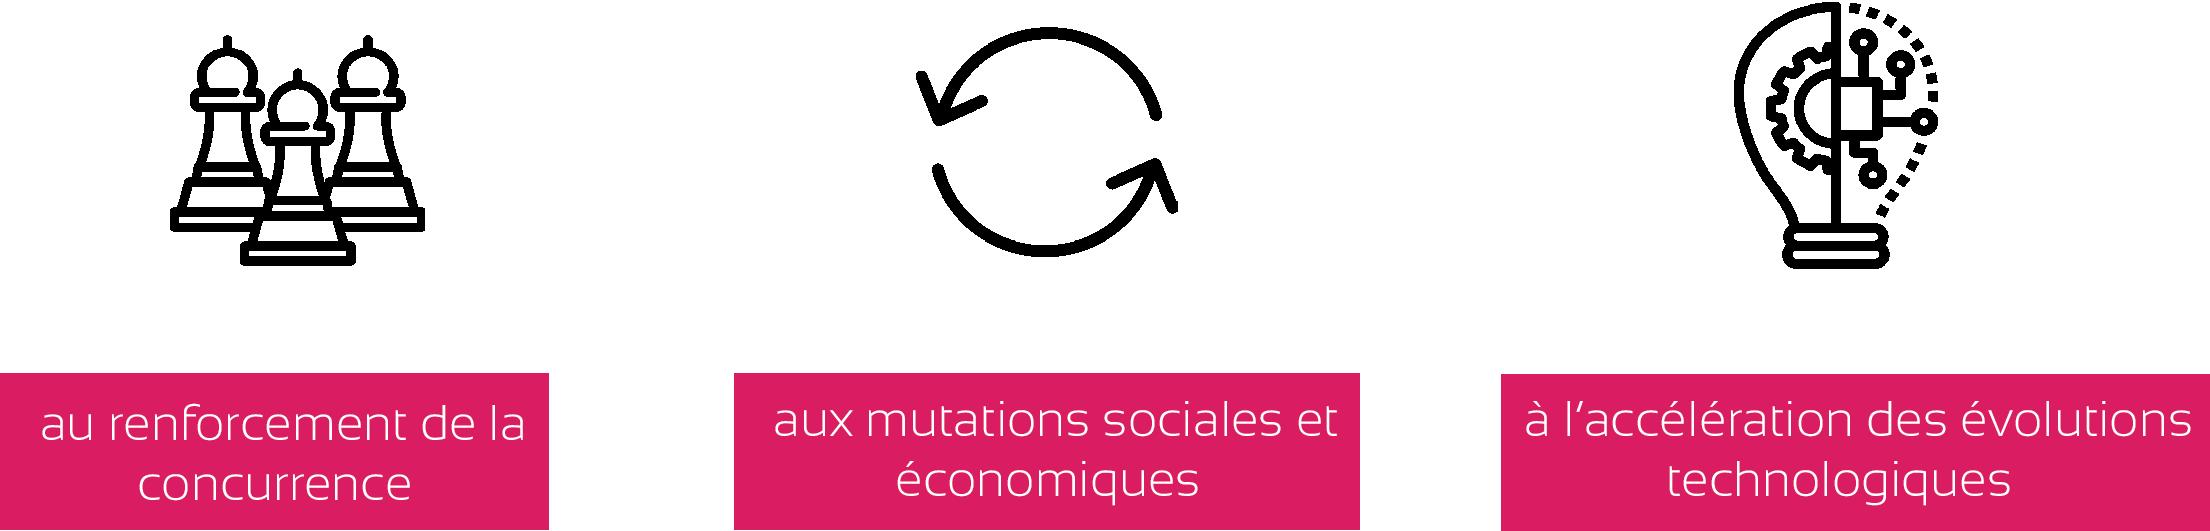 Les PME-PMI sont confrontées au renforcement de la concurrence, aux mutations sociales et économiques et à l'accélération des évolutions technologiques.